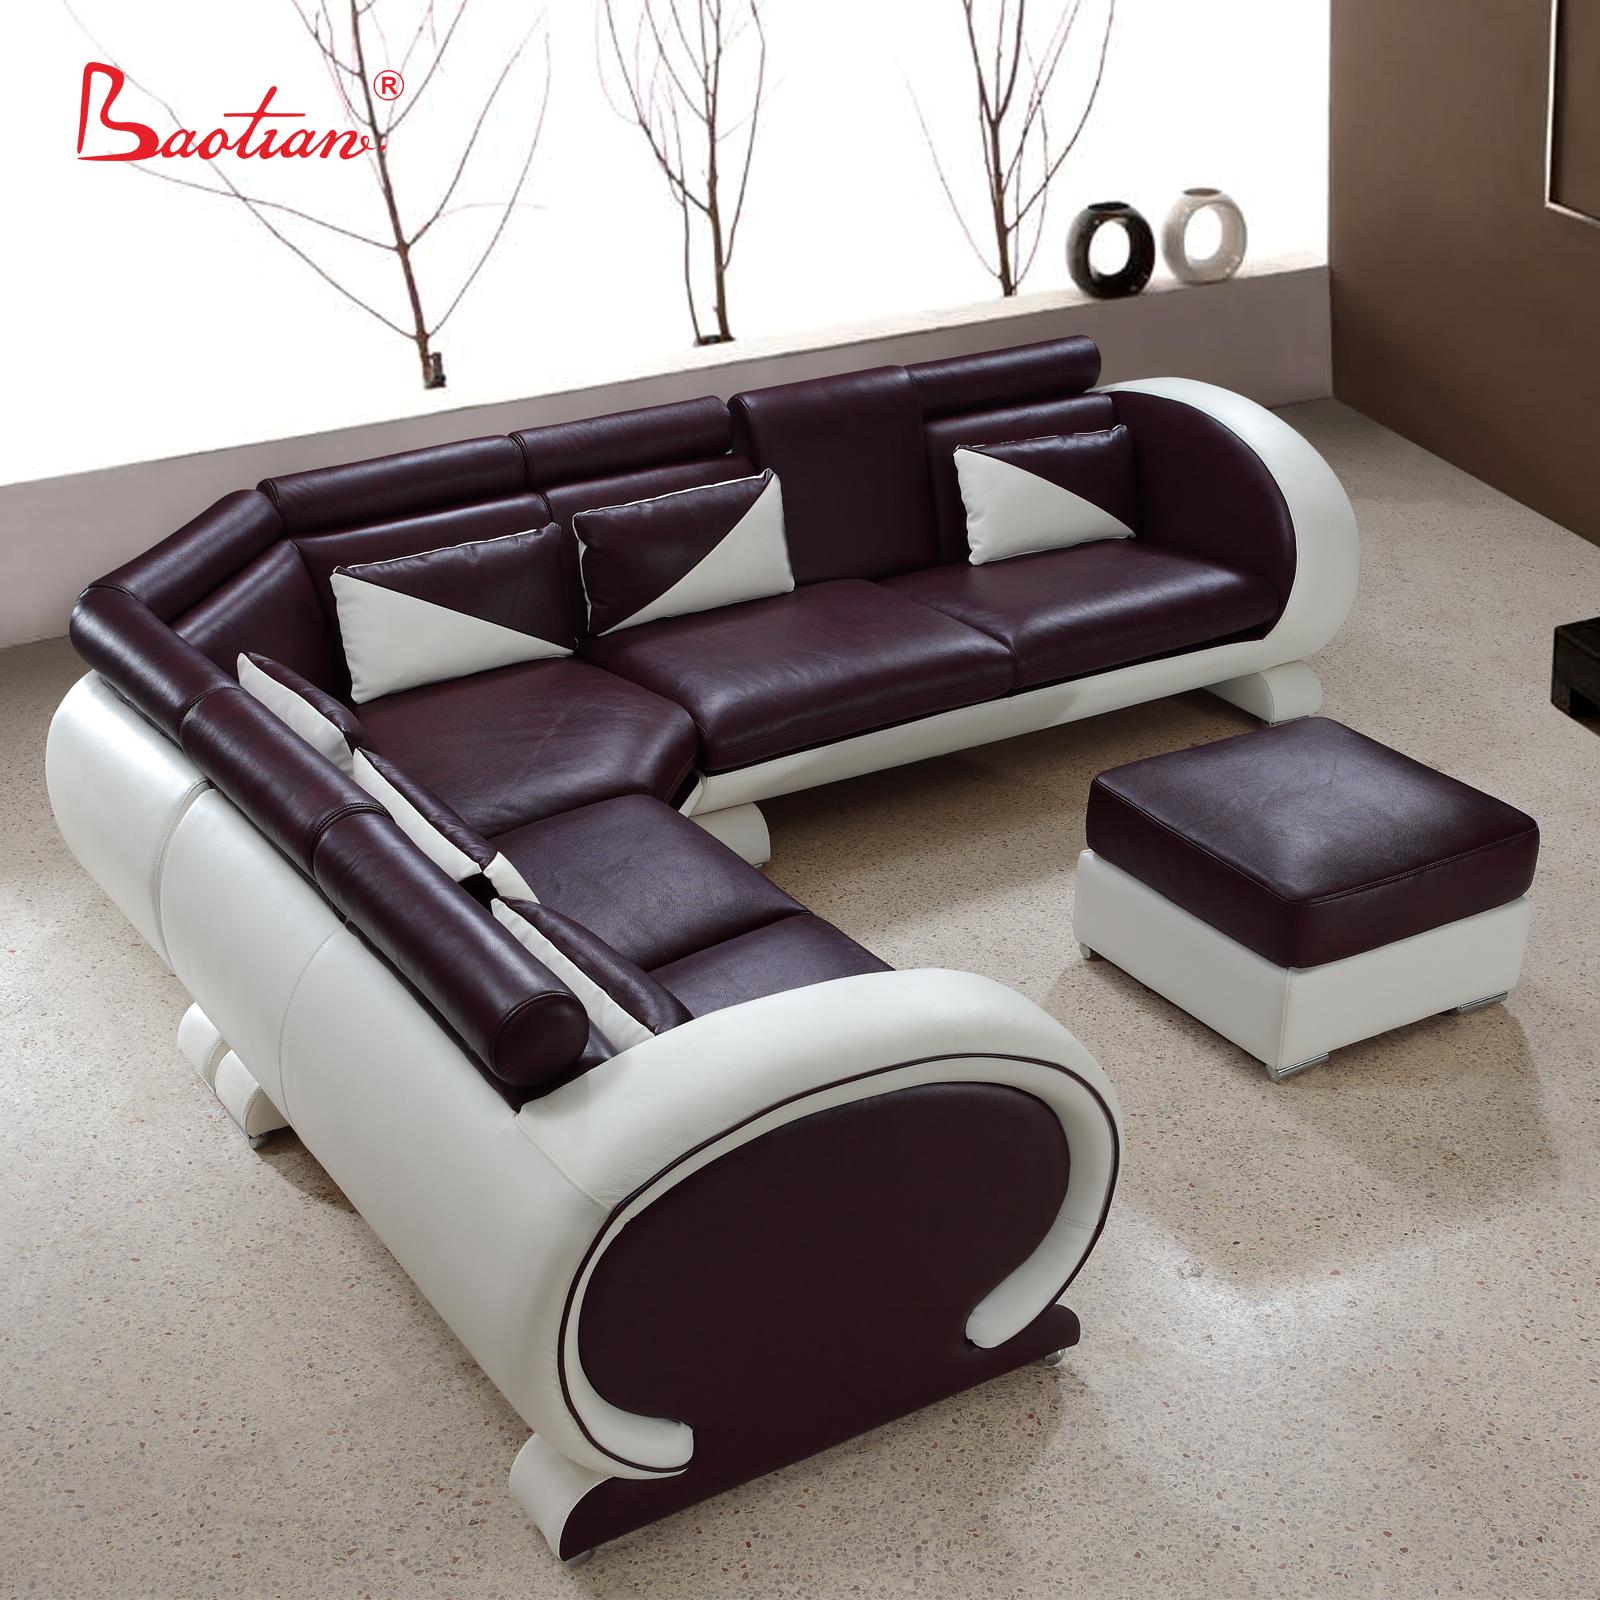 Italy Sofa Exclusive Design U Shaped Leather Sofa Model Buy Sofa